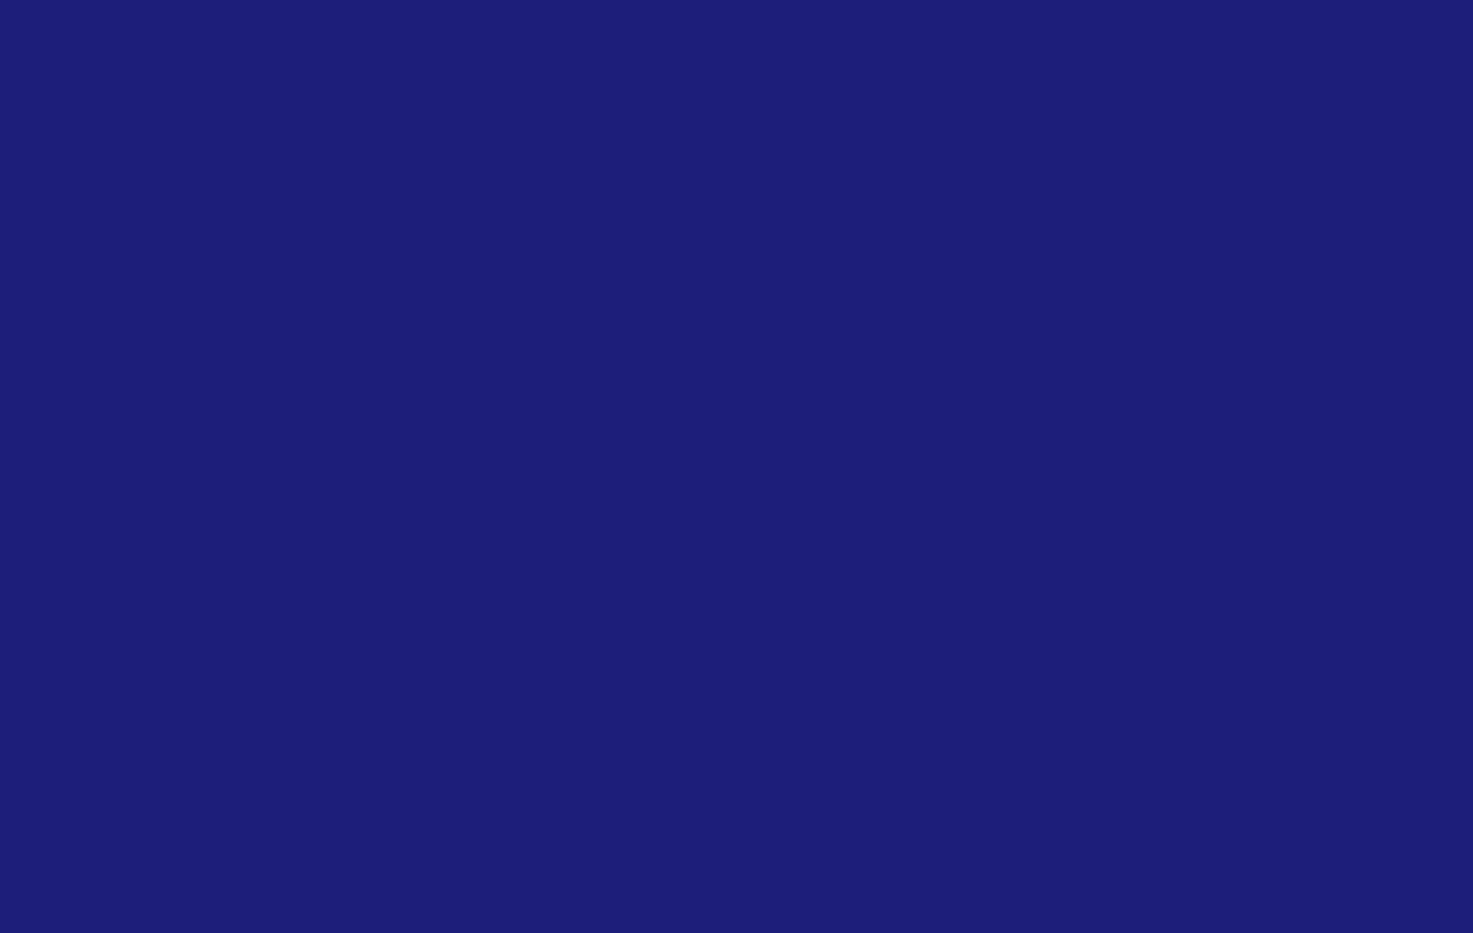 bluette 558